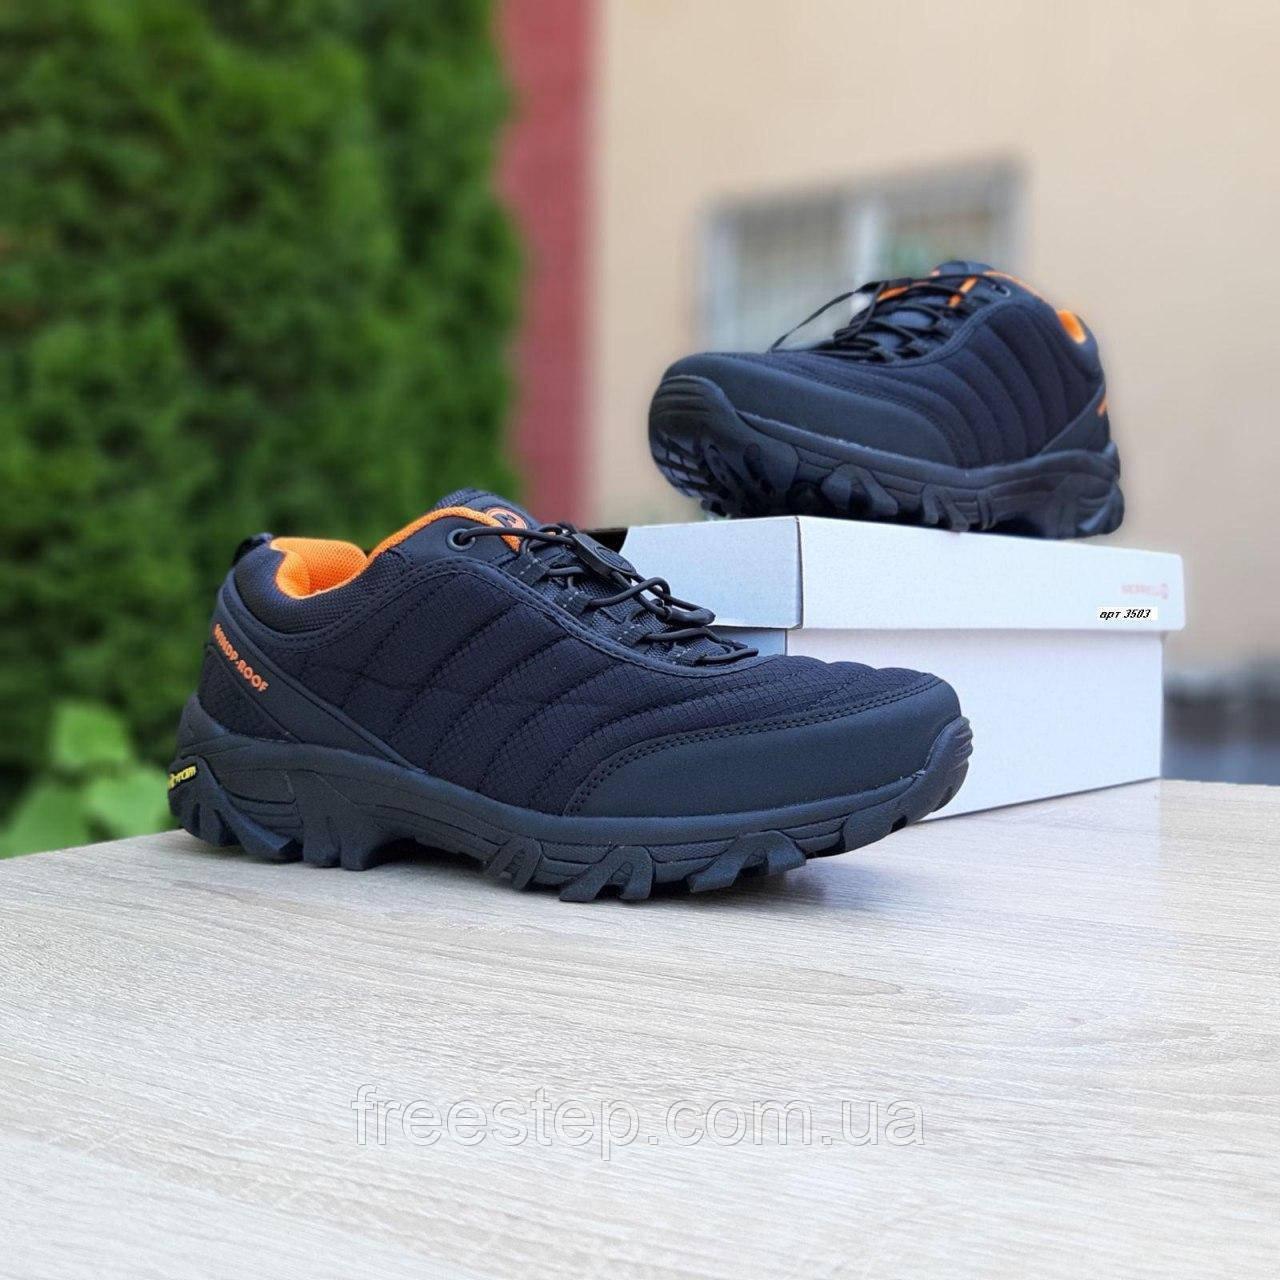 Чоловічі зимові кросівки в стилі Merrell Vibram чорні з помаранчевим